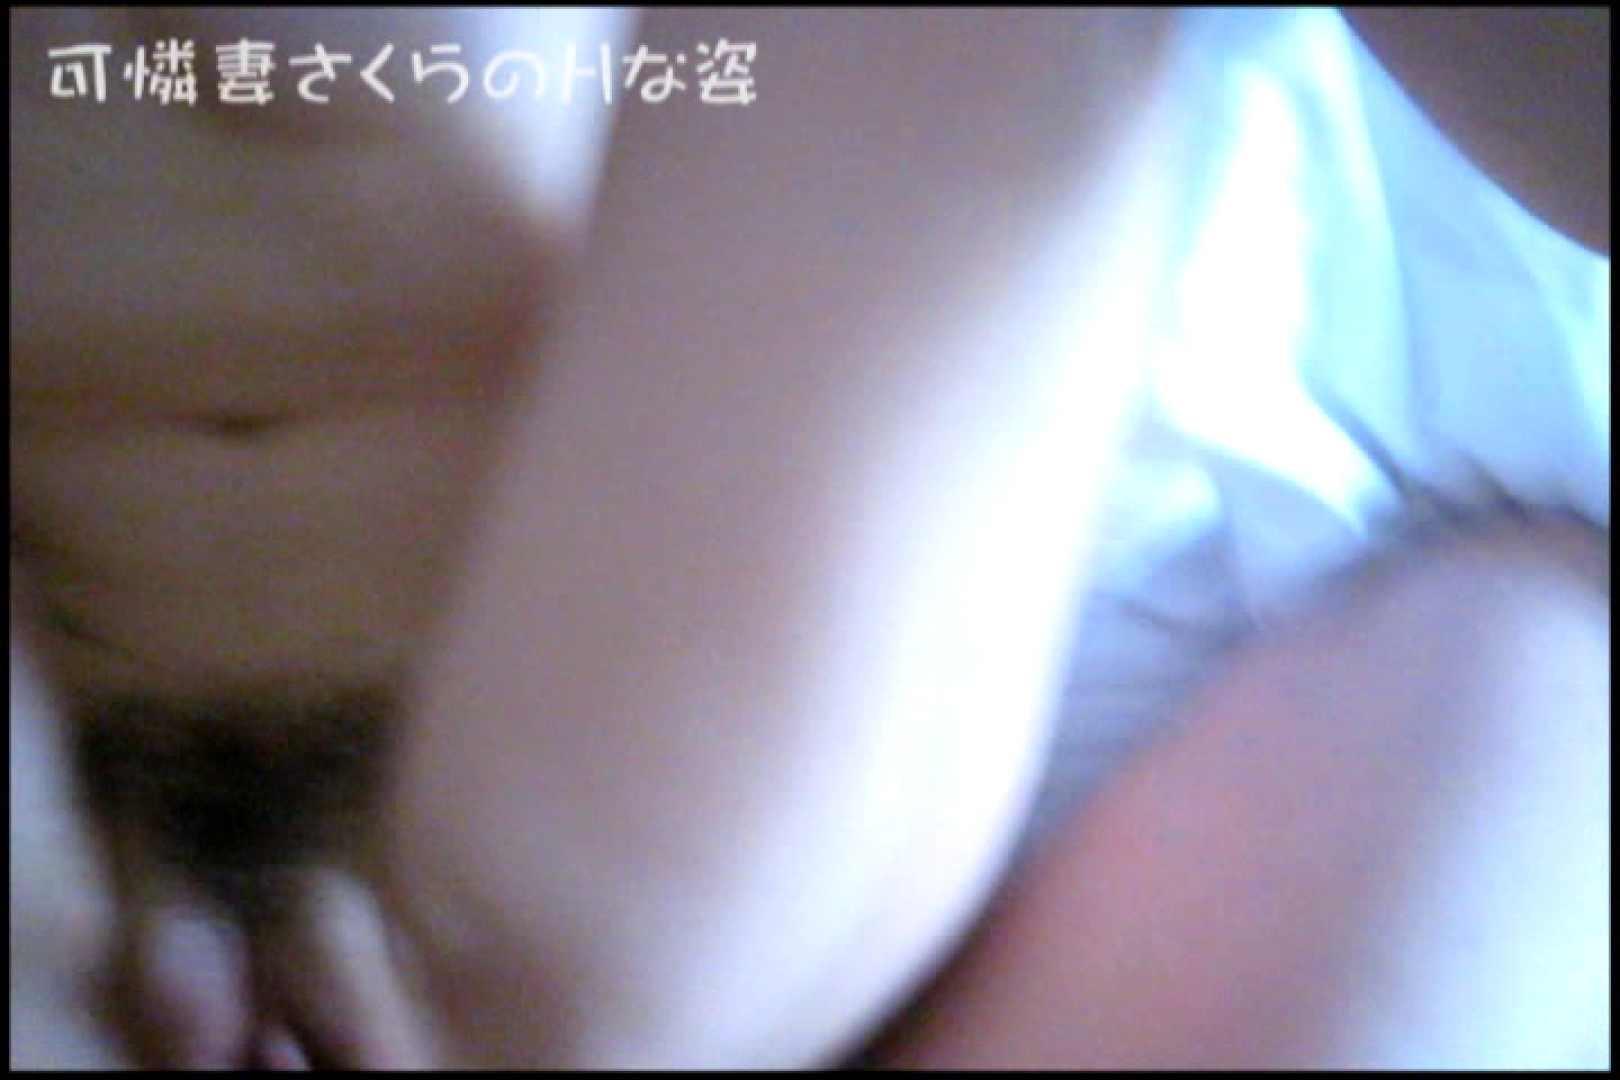 可憐妻さくらのHな姿vol.11 ギャル達のセックス | OL裸体  110画像 20